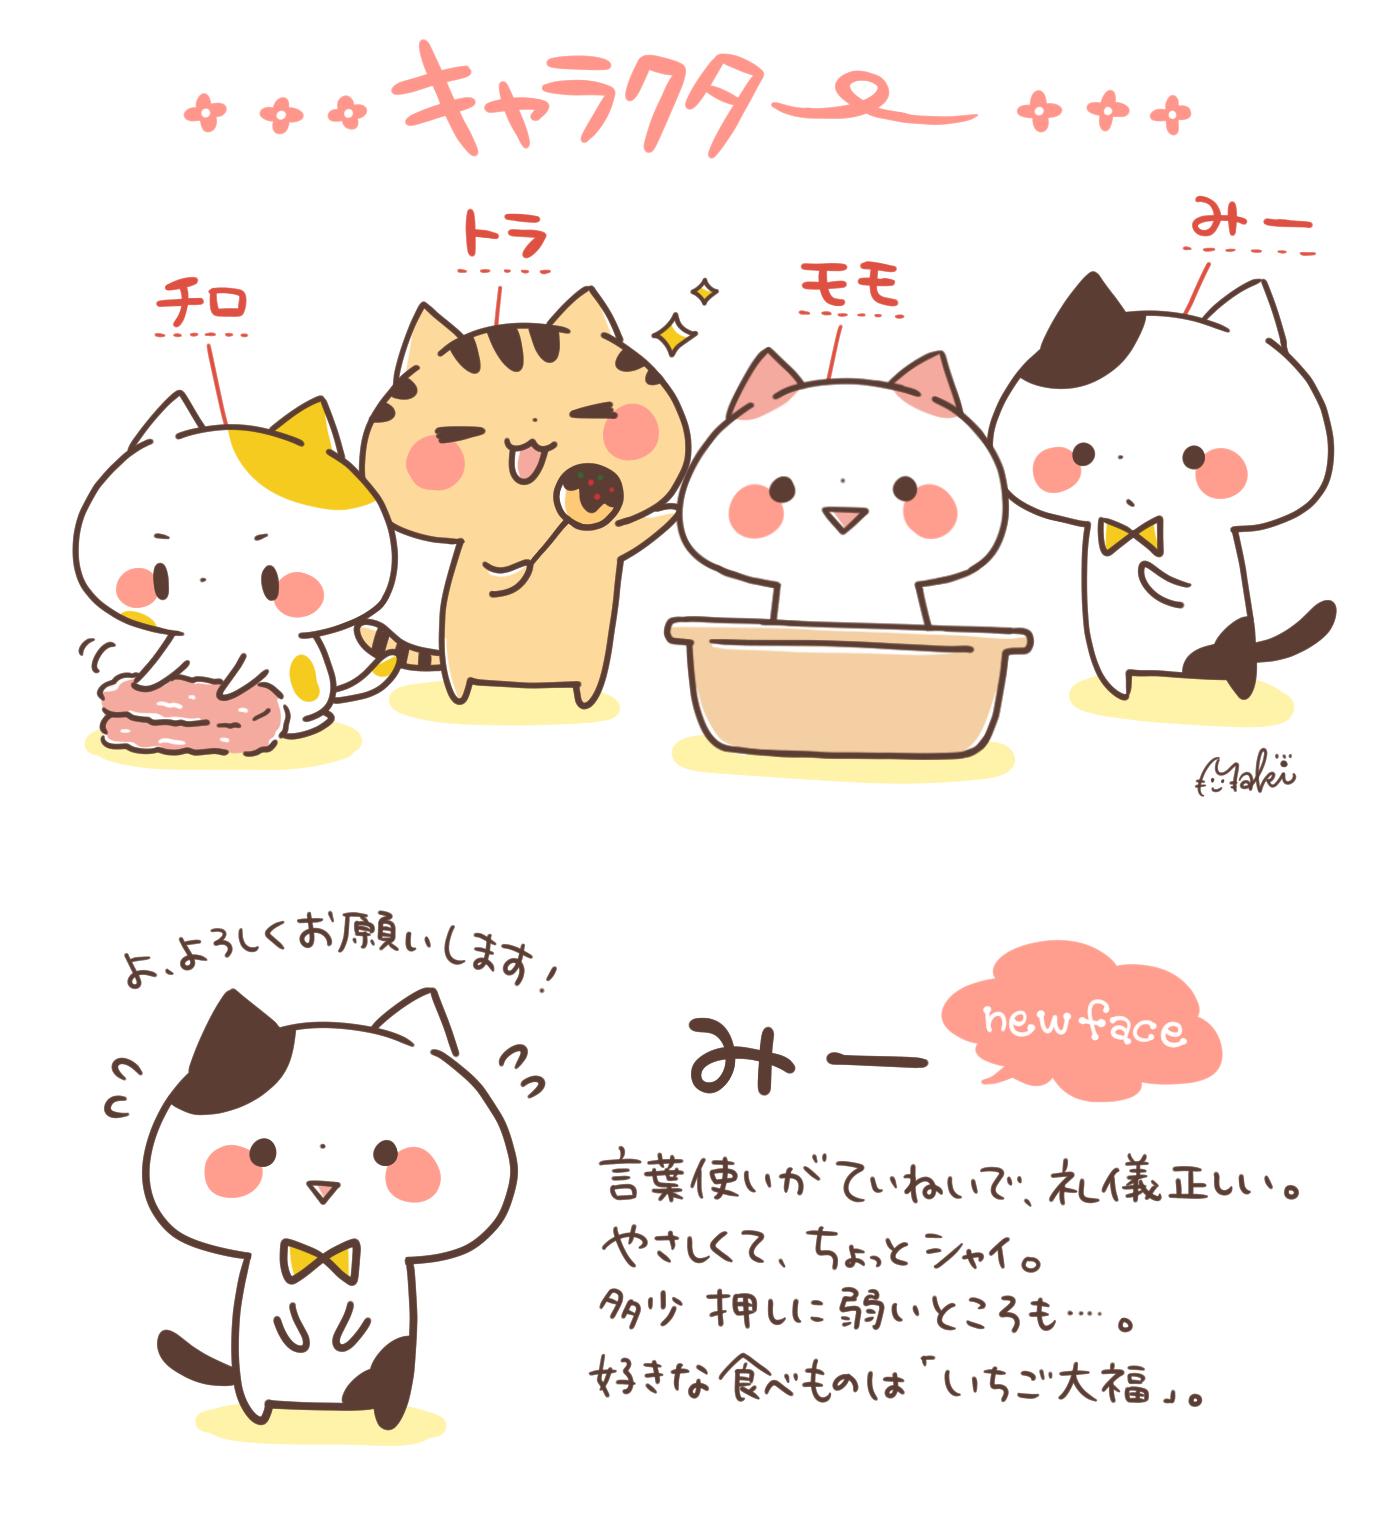 16-01-10キャラ紹介